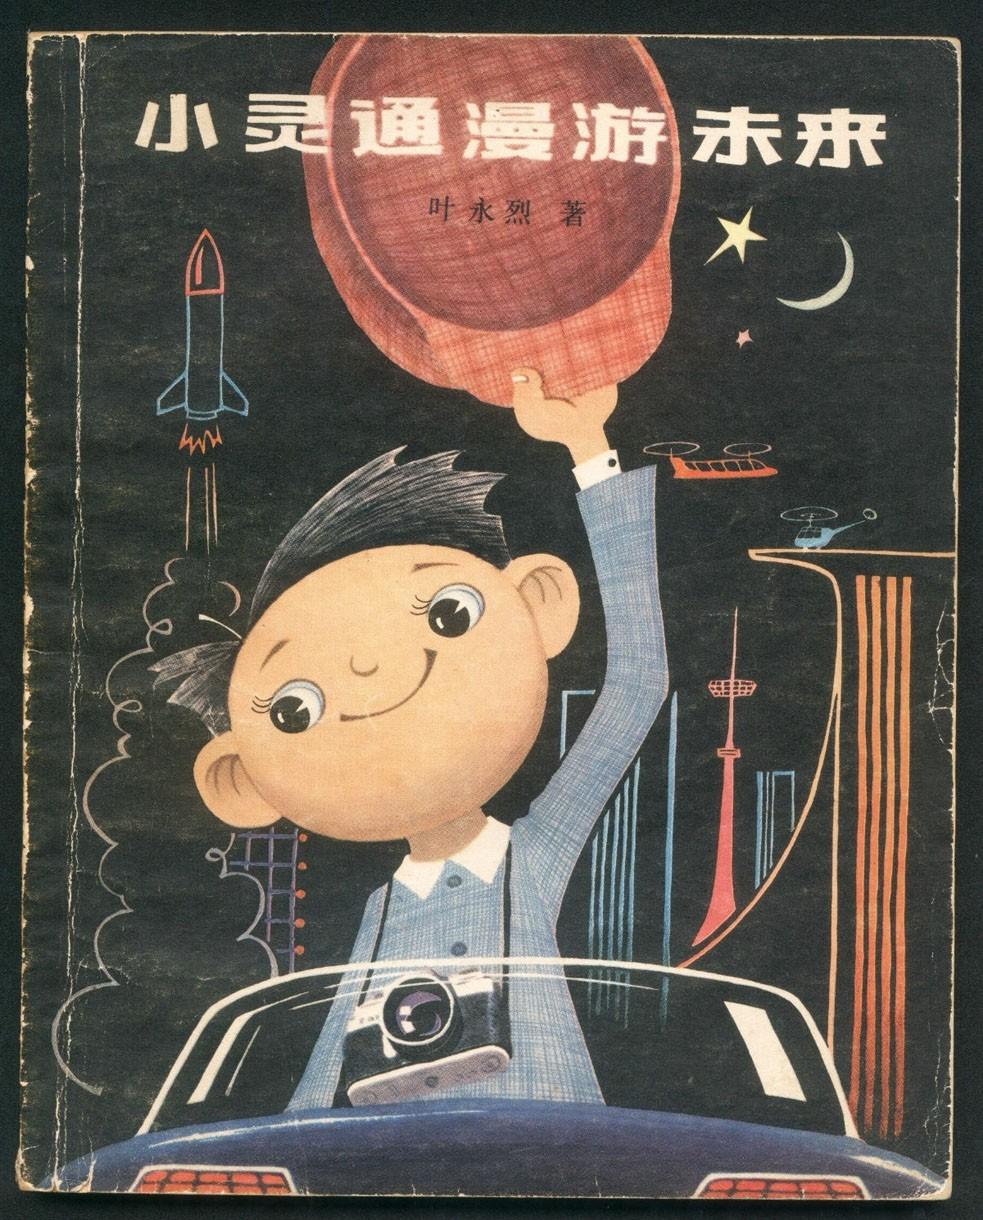 著名作家叶永烈的小灵通漫游记